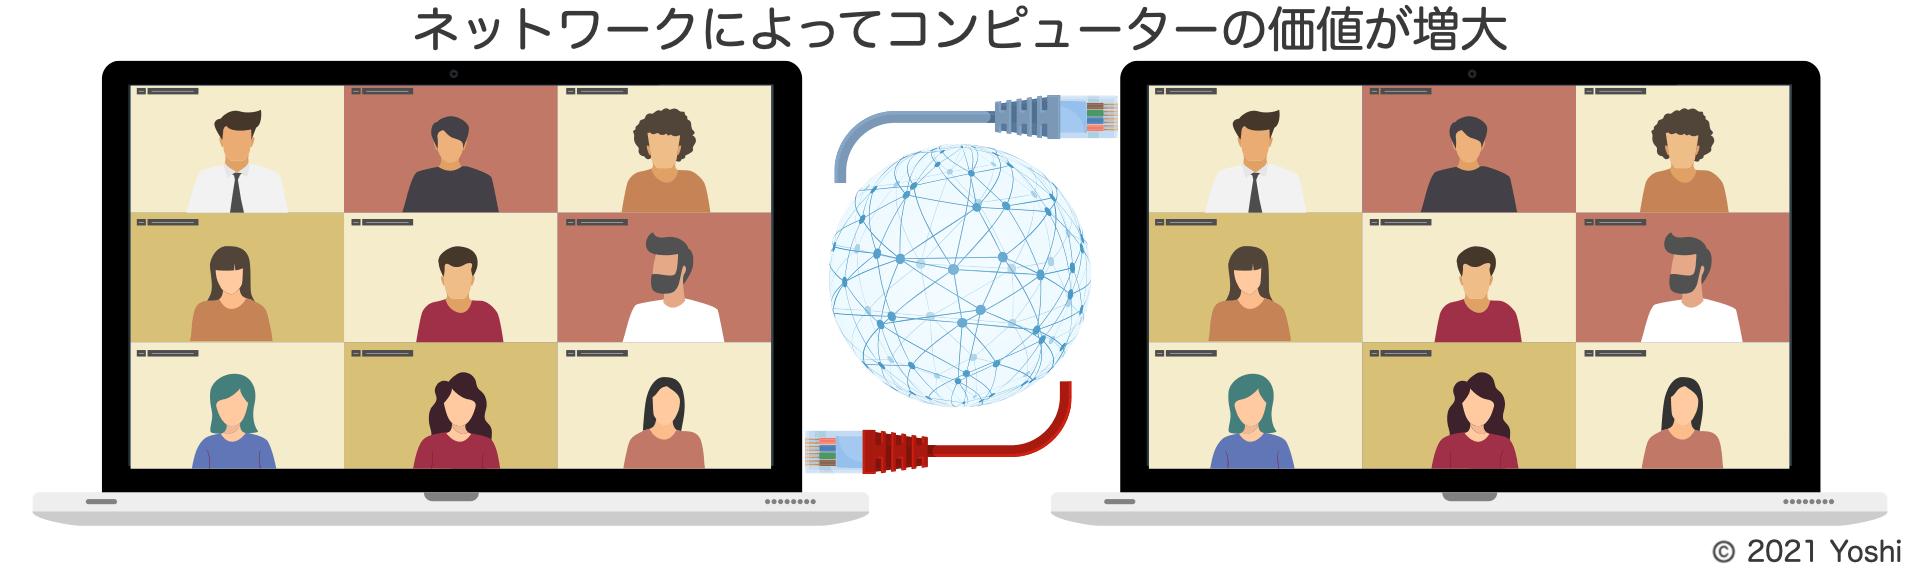 ネットワークはコンピューターの価値を増大